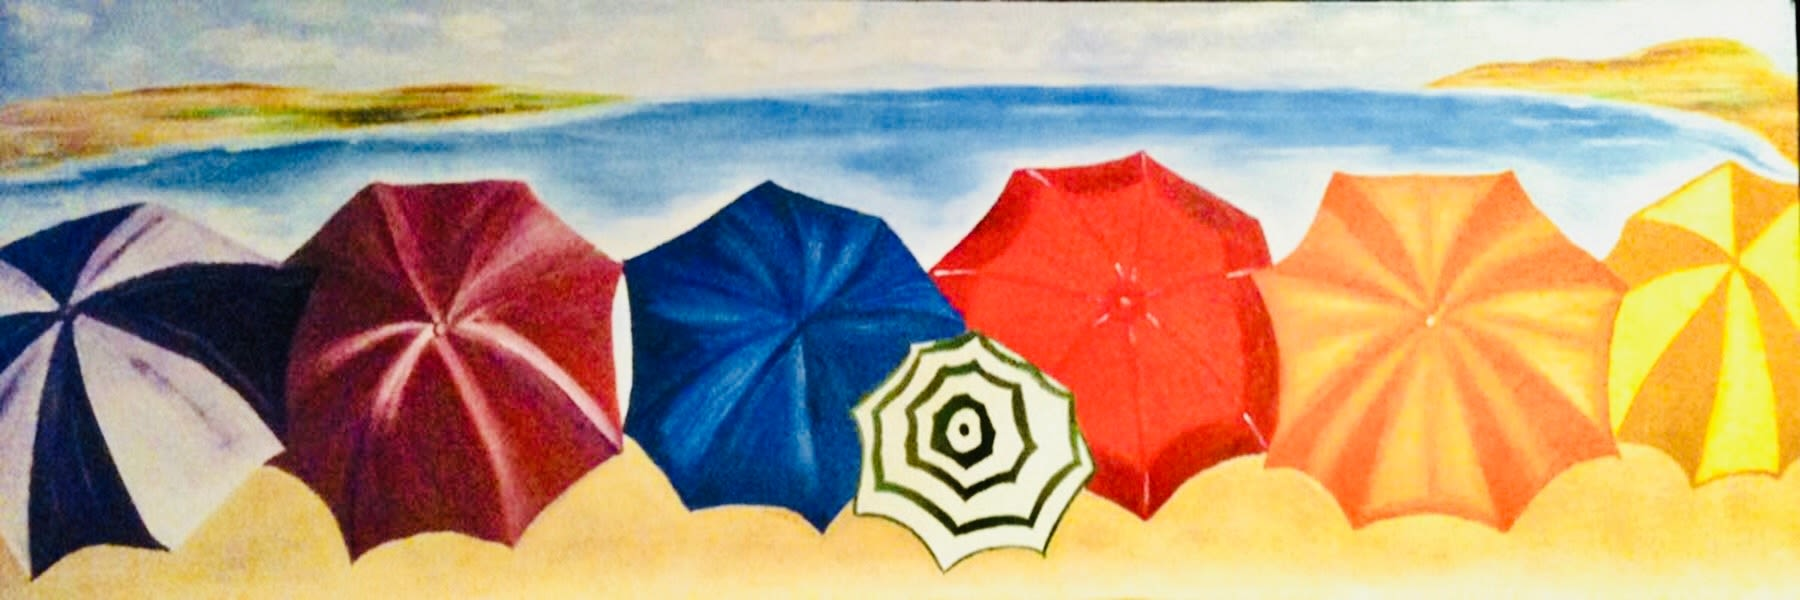 <div class='title'>           Beach Umbrellas 10         </div>